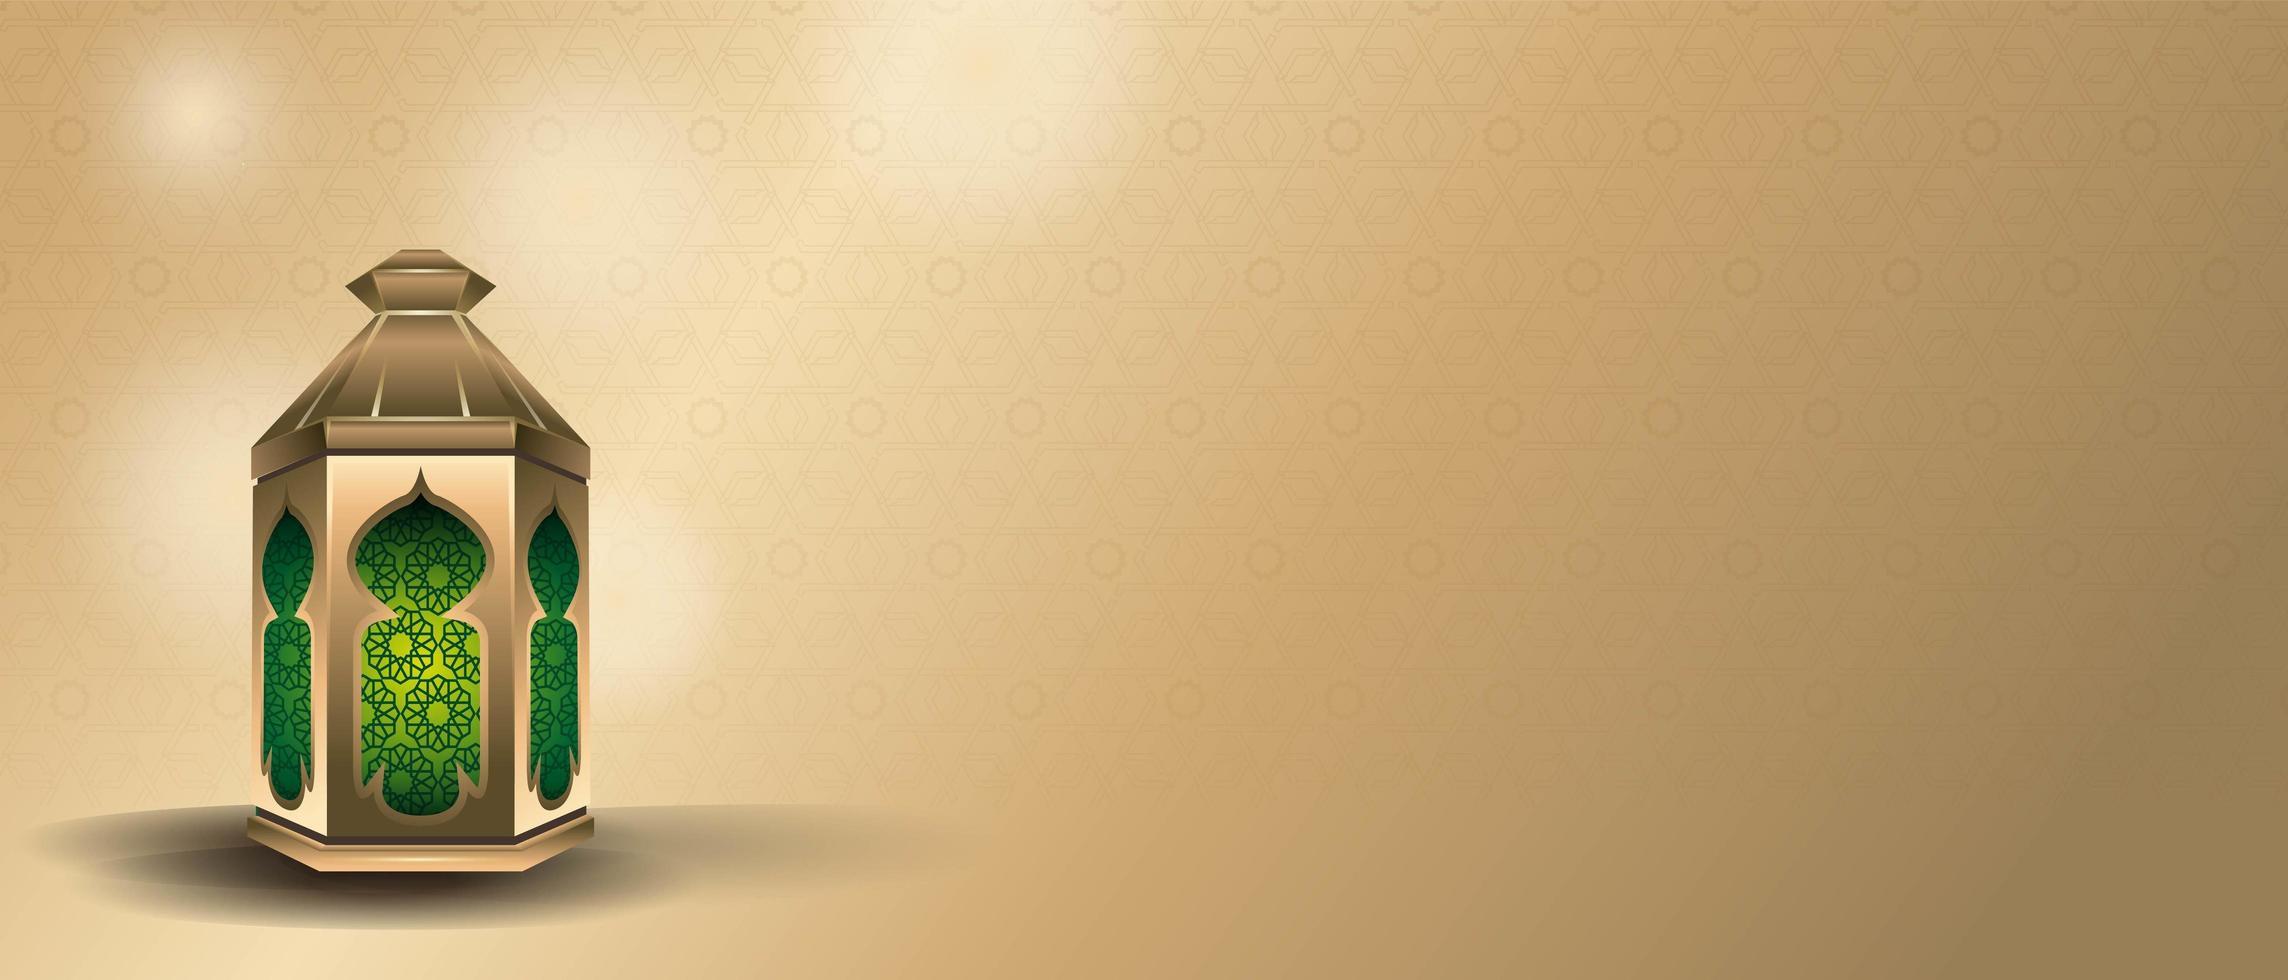 banner voor ramadan kareem met prachtige islamitische lantaarn vector